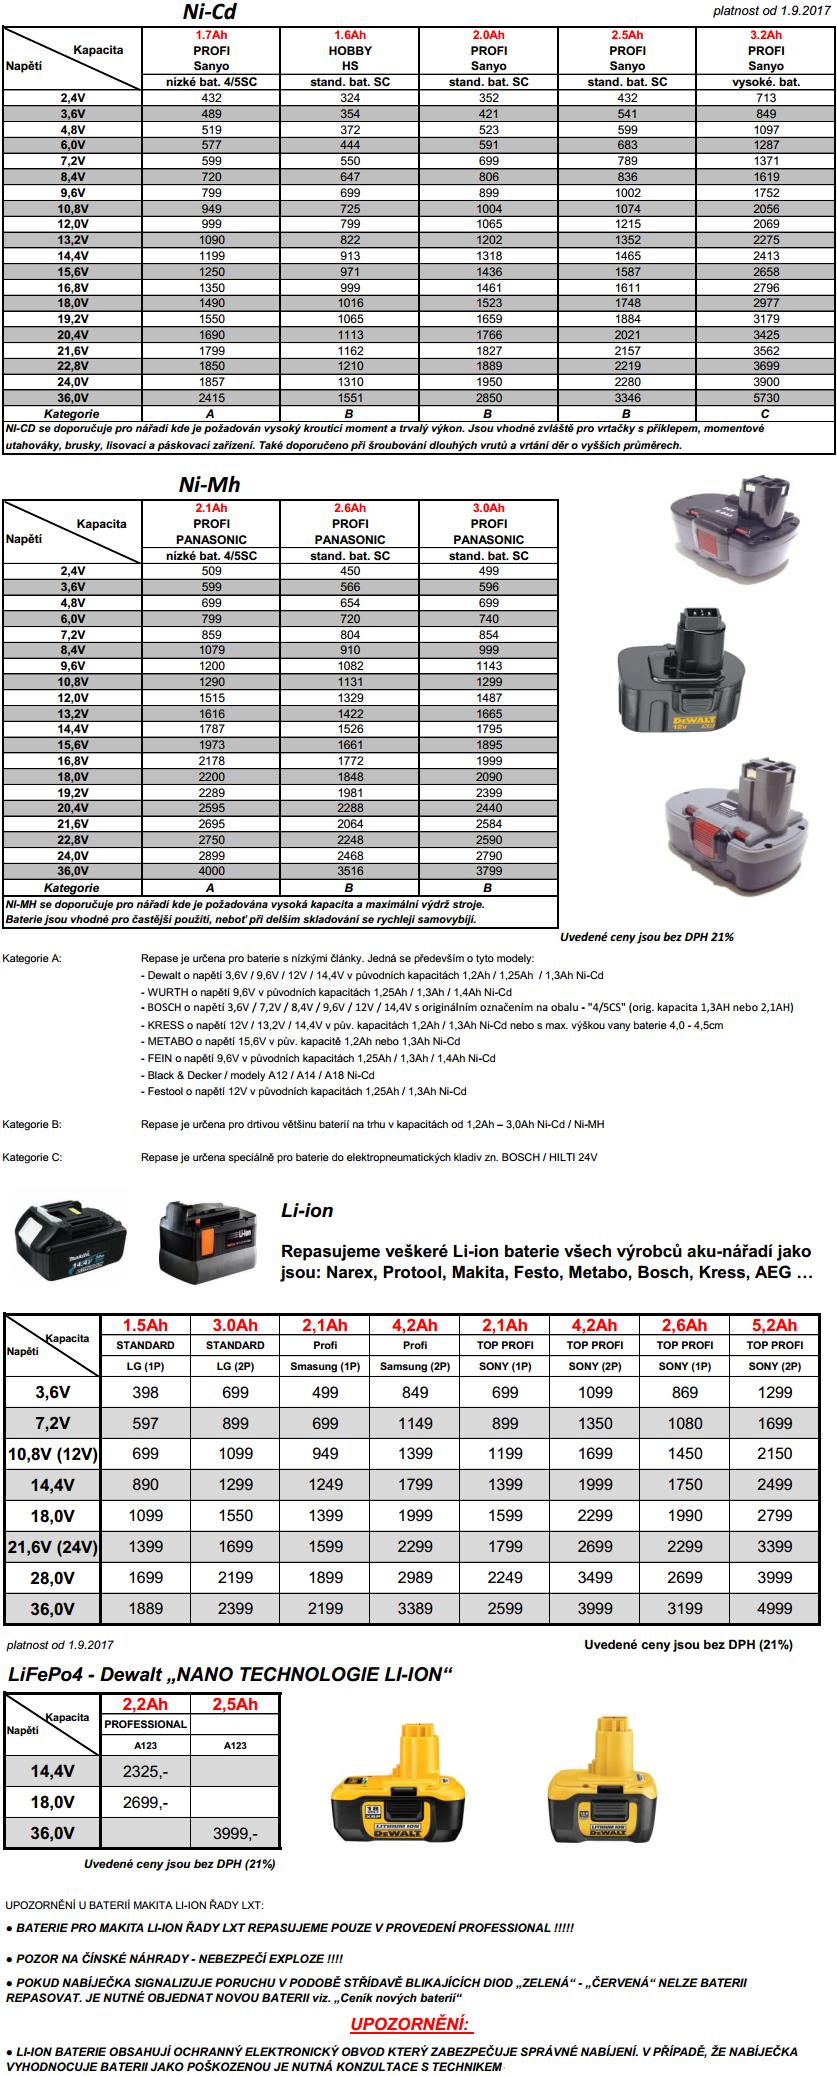 Repase akumulátorů kompletní nabídka